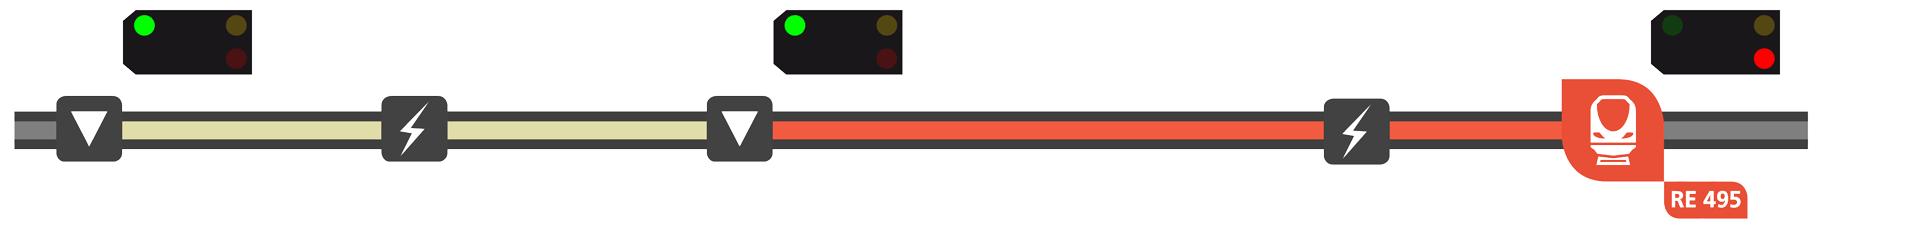 Visualisierung der ALAN Blocksignalisierung - Bild 05 von 18